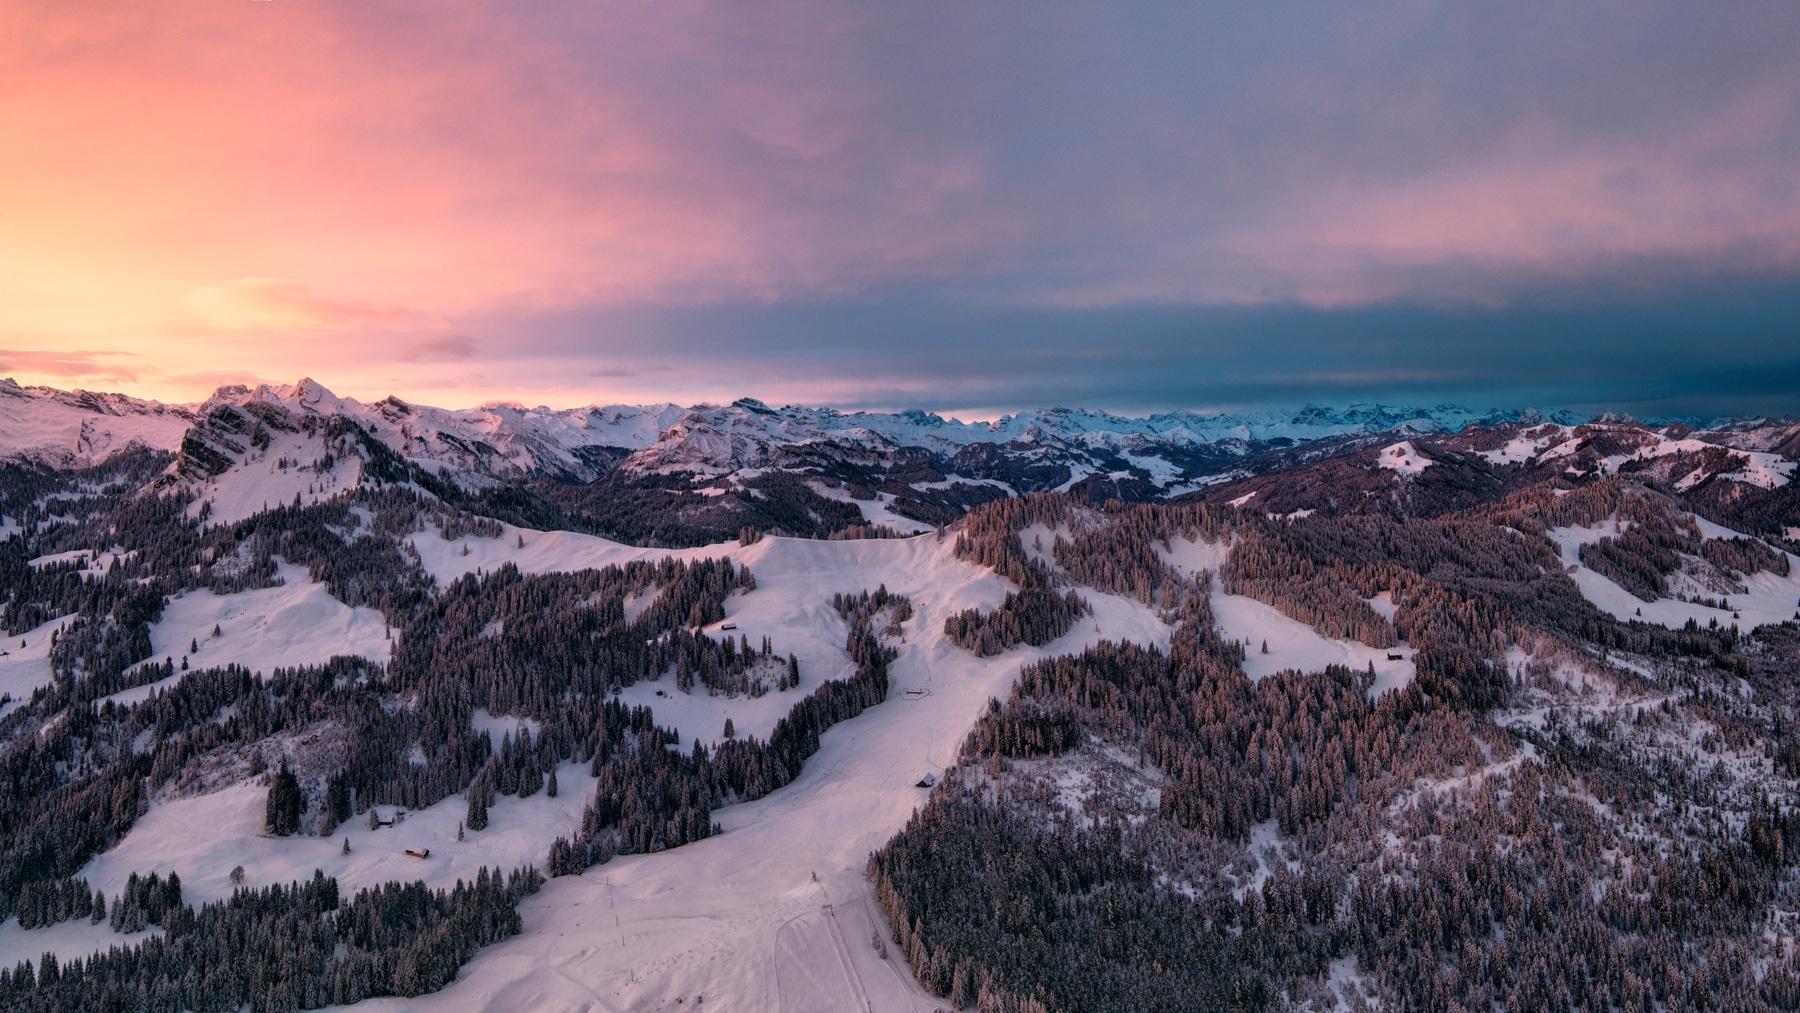 Switzerland, Schwyz, Winter, Sunrise, Aubrig, Sattelegg, Drohne, Panorama Copyright © by Gerry Pacher